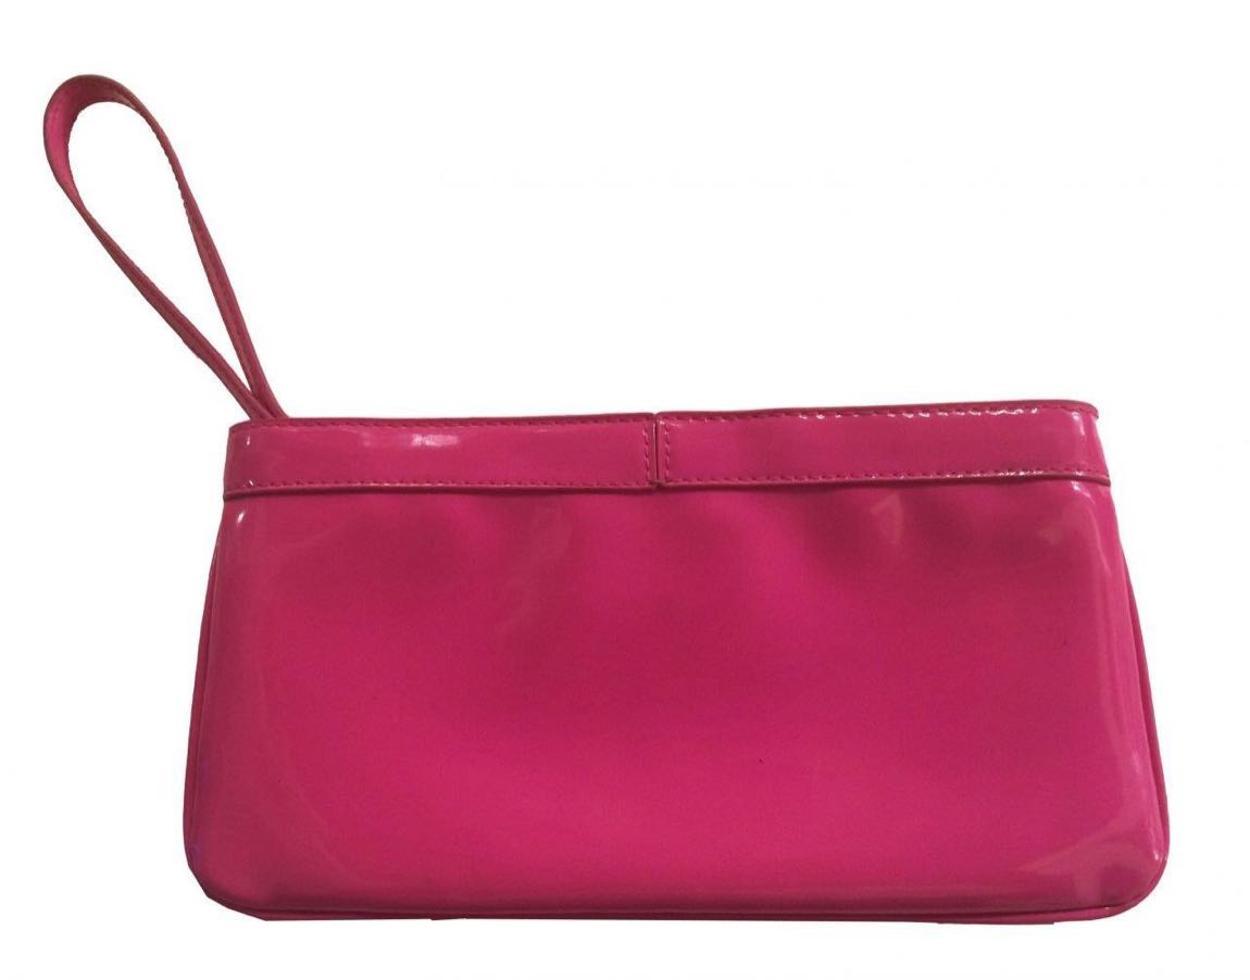 Kate Spade Portföy/El çantası